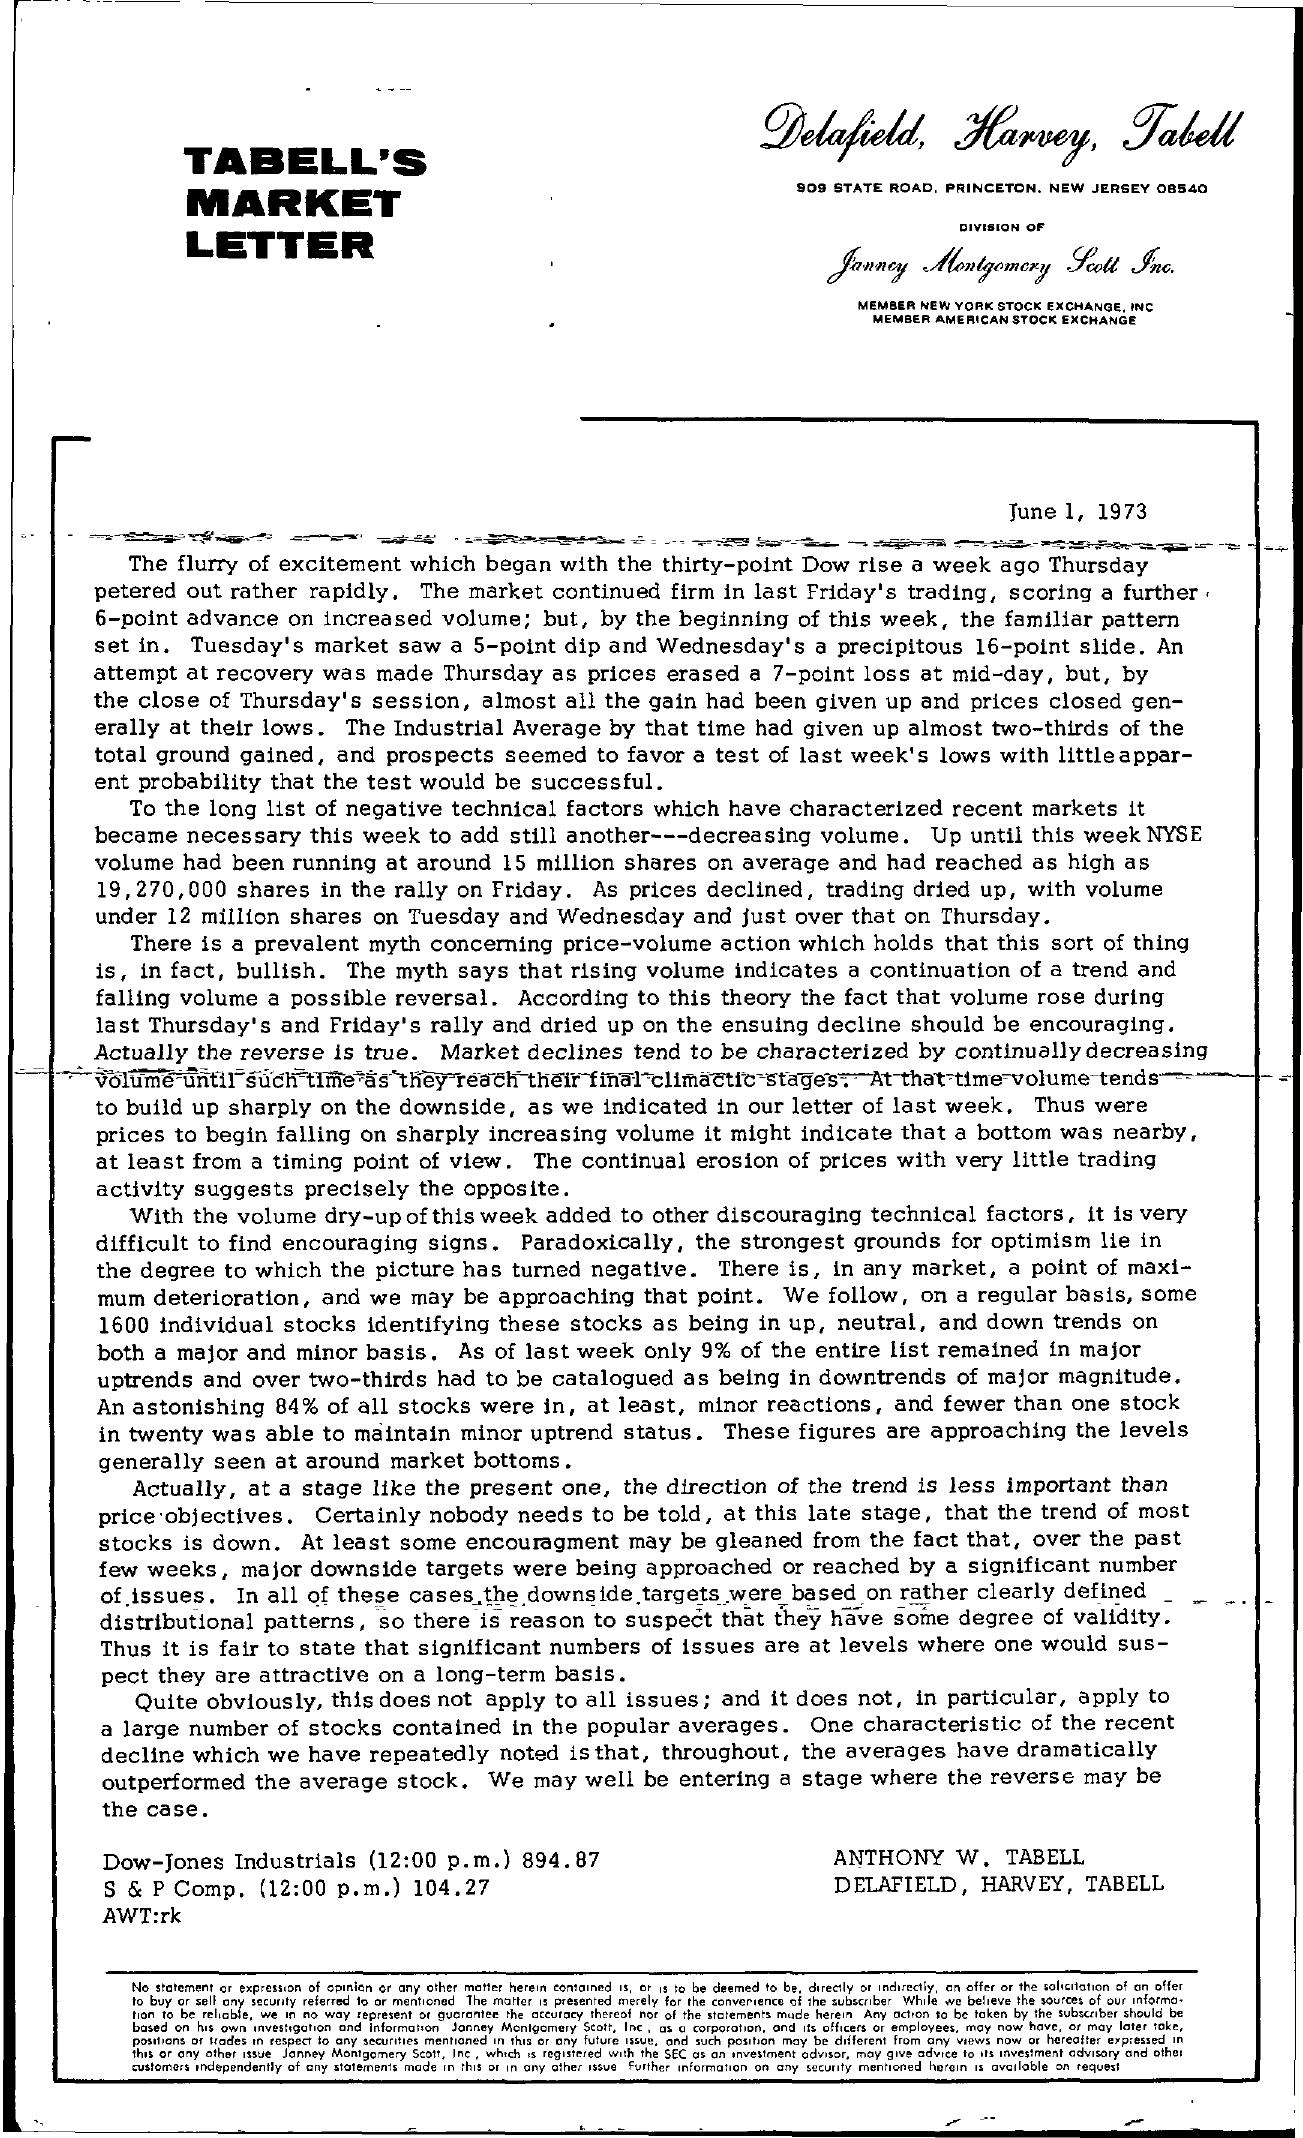 Tabell's Market Letter - June 01, 1973